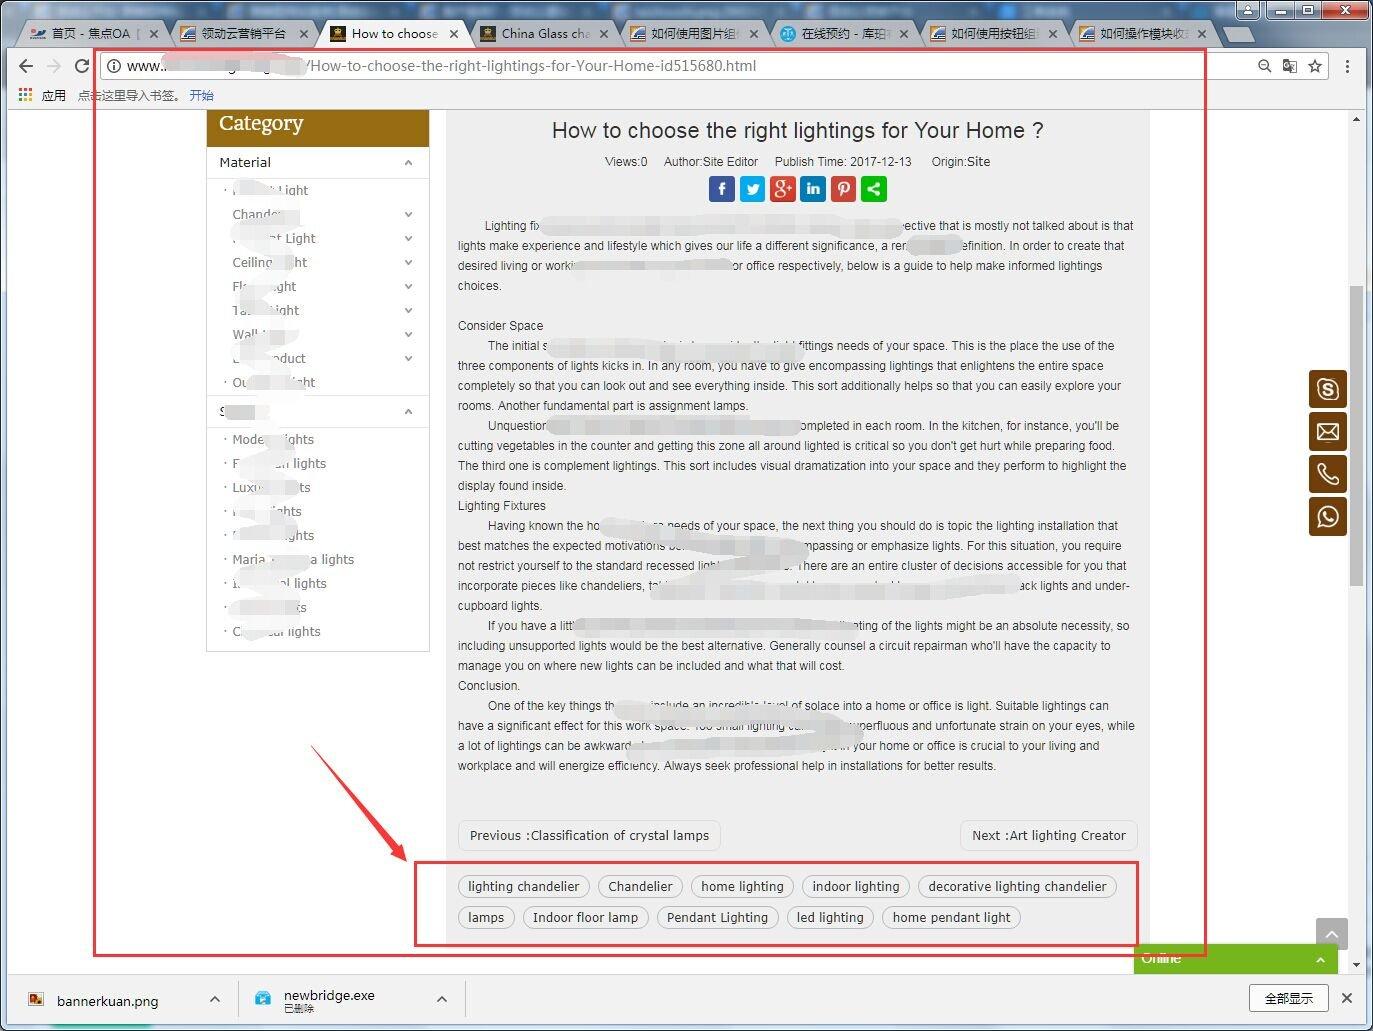 关键词在文章详情页面的展示效果